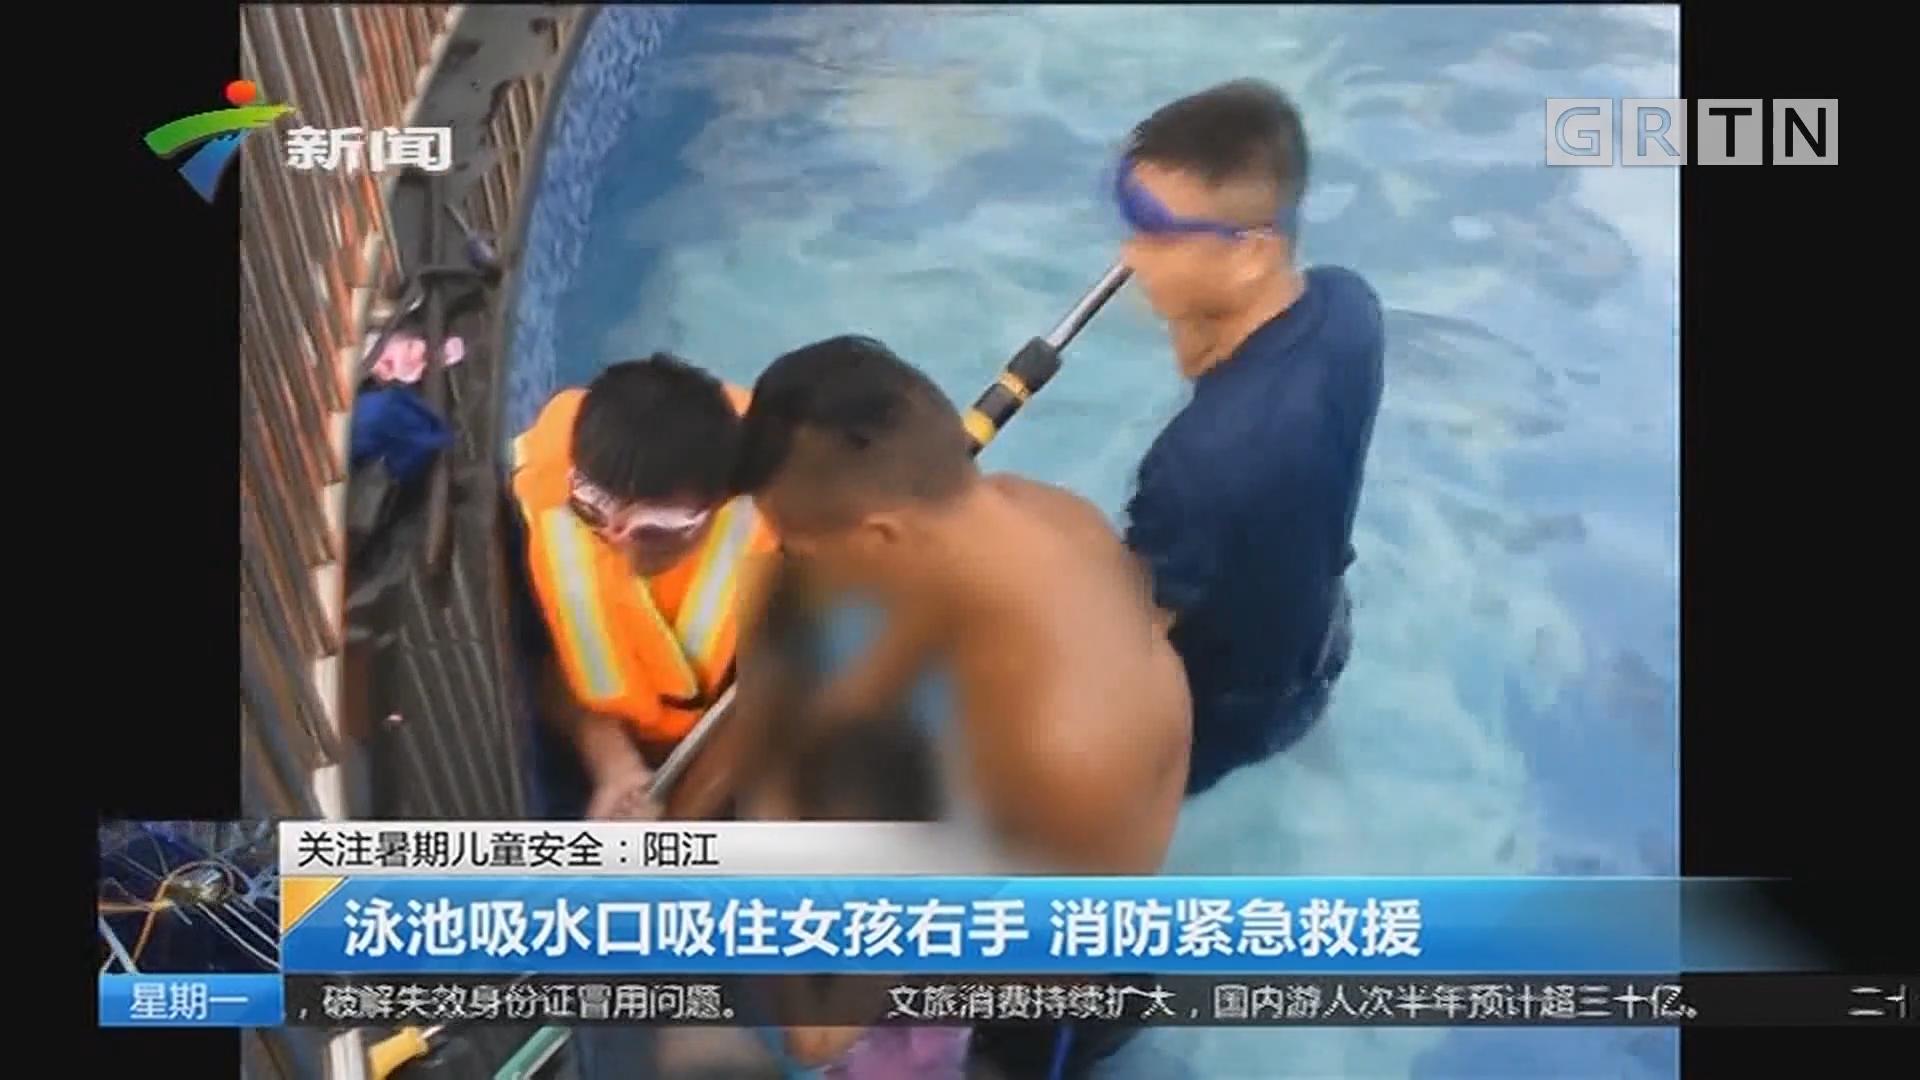 关注暑期儿童安全:阳江 泳池吸水口吸住女孩右手 消防紧急救援